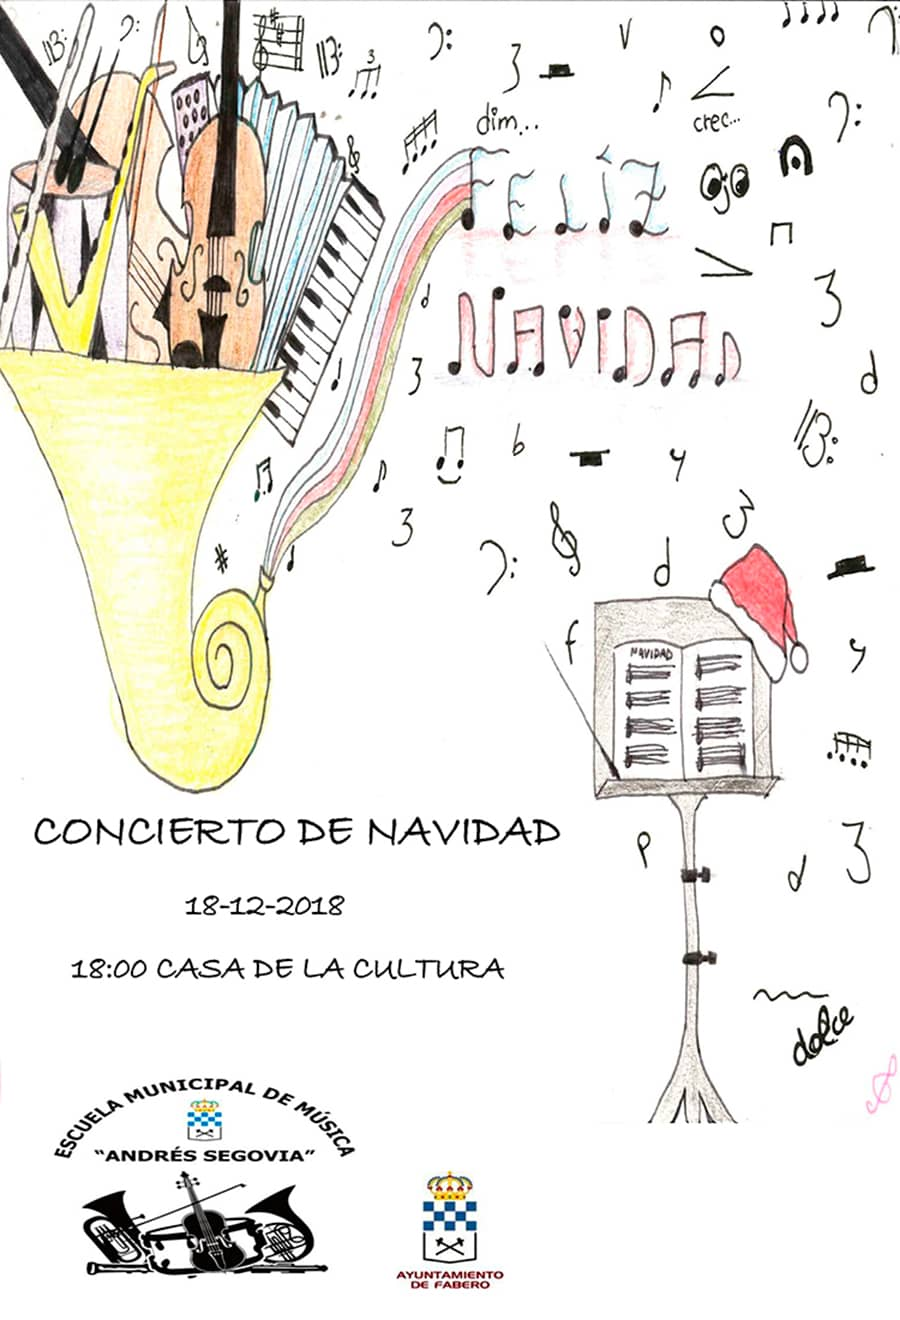 cartel concierto navidad 18 escuela municipal de musica fabero el bierzo